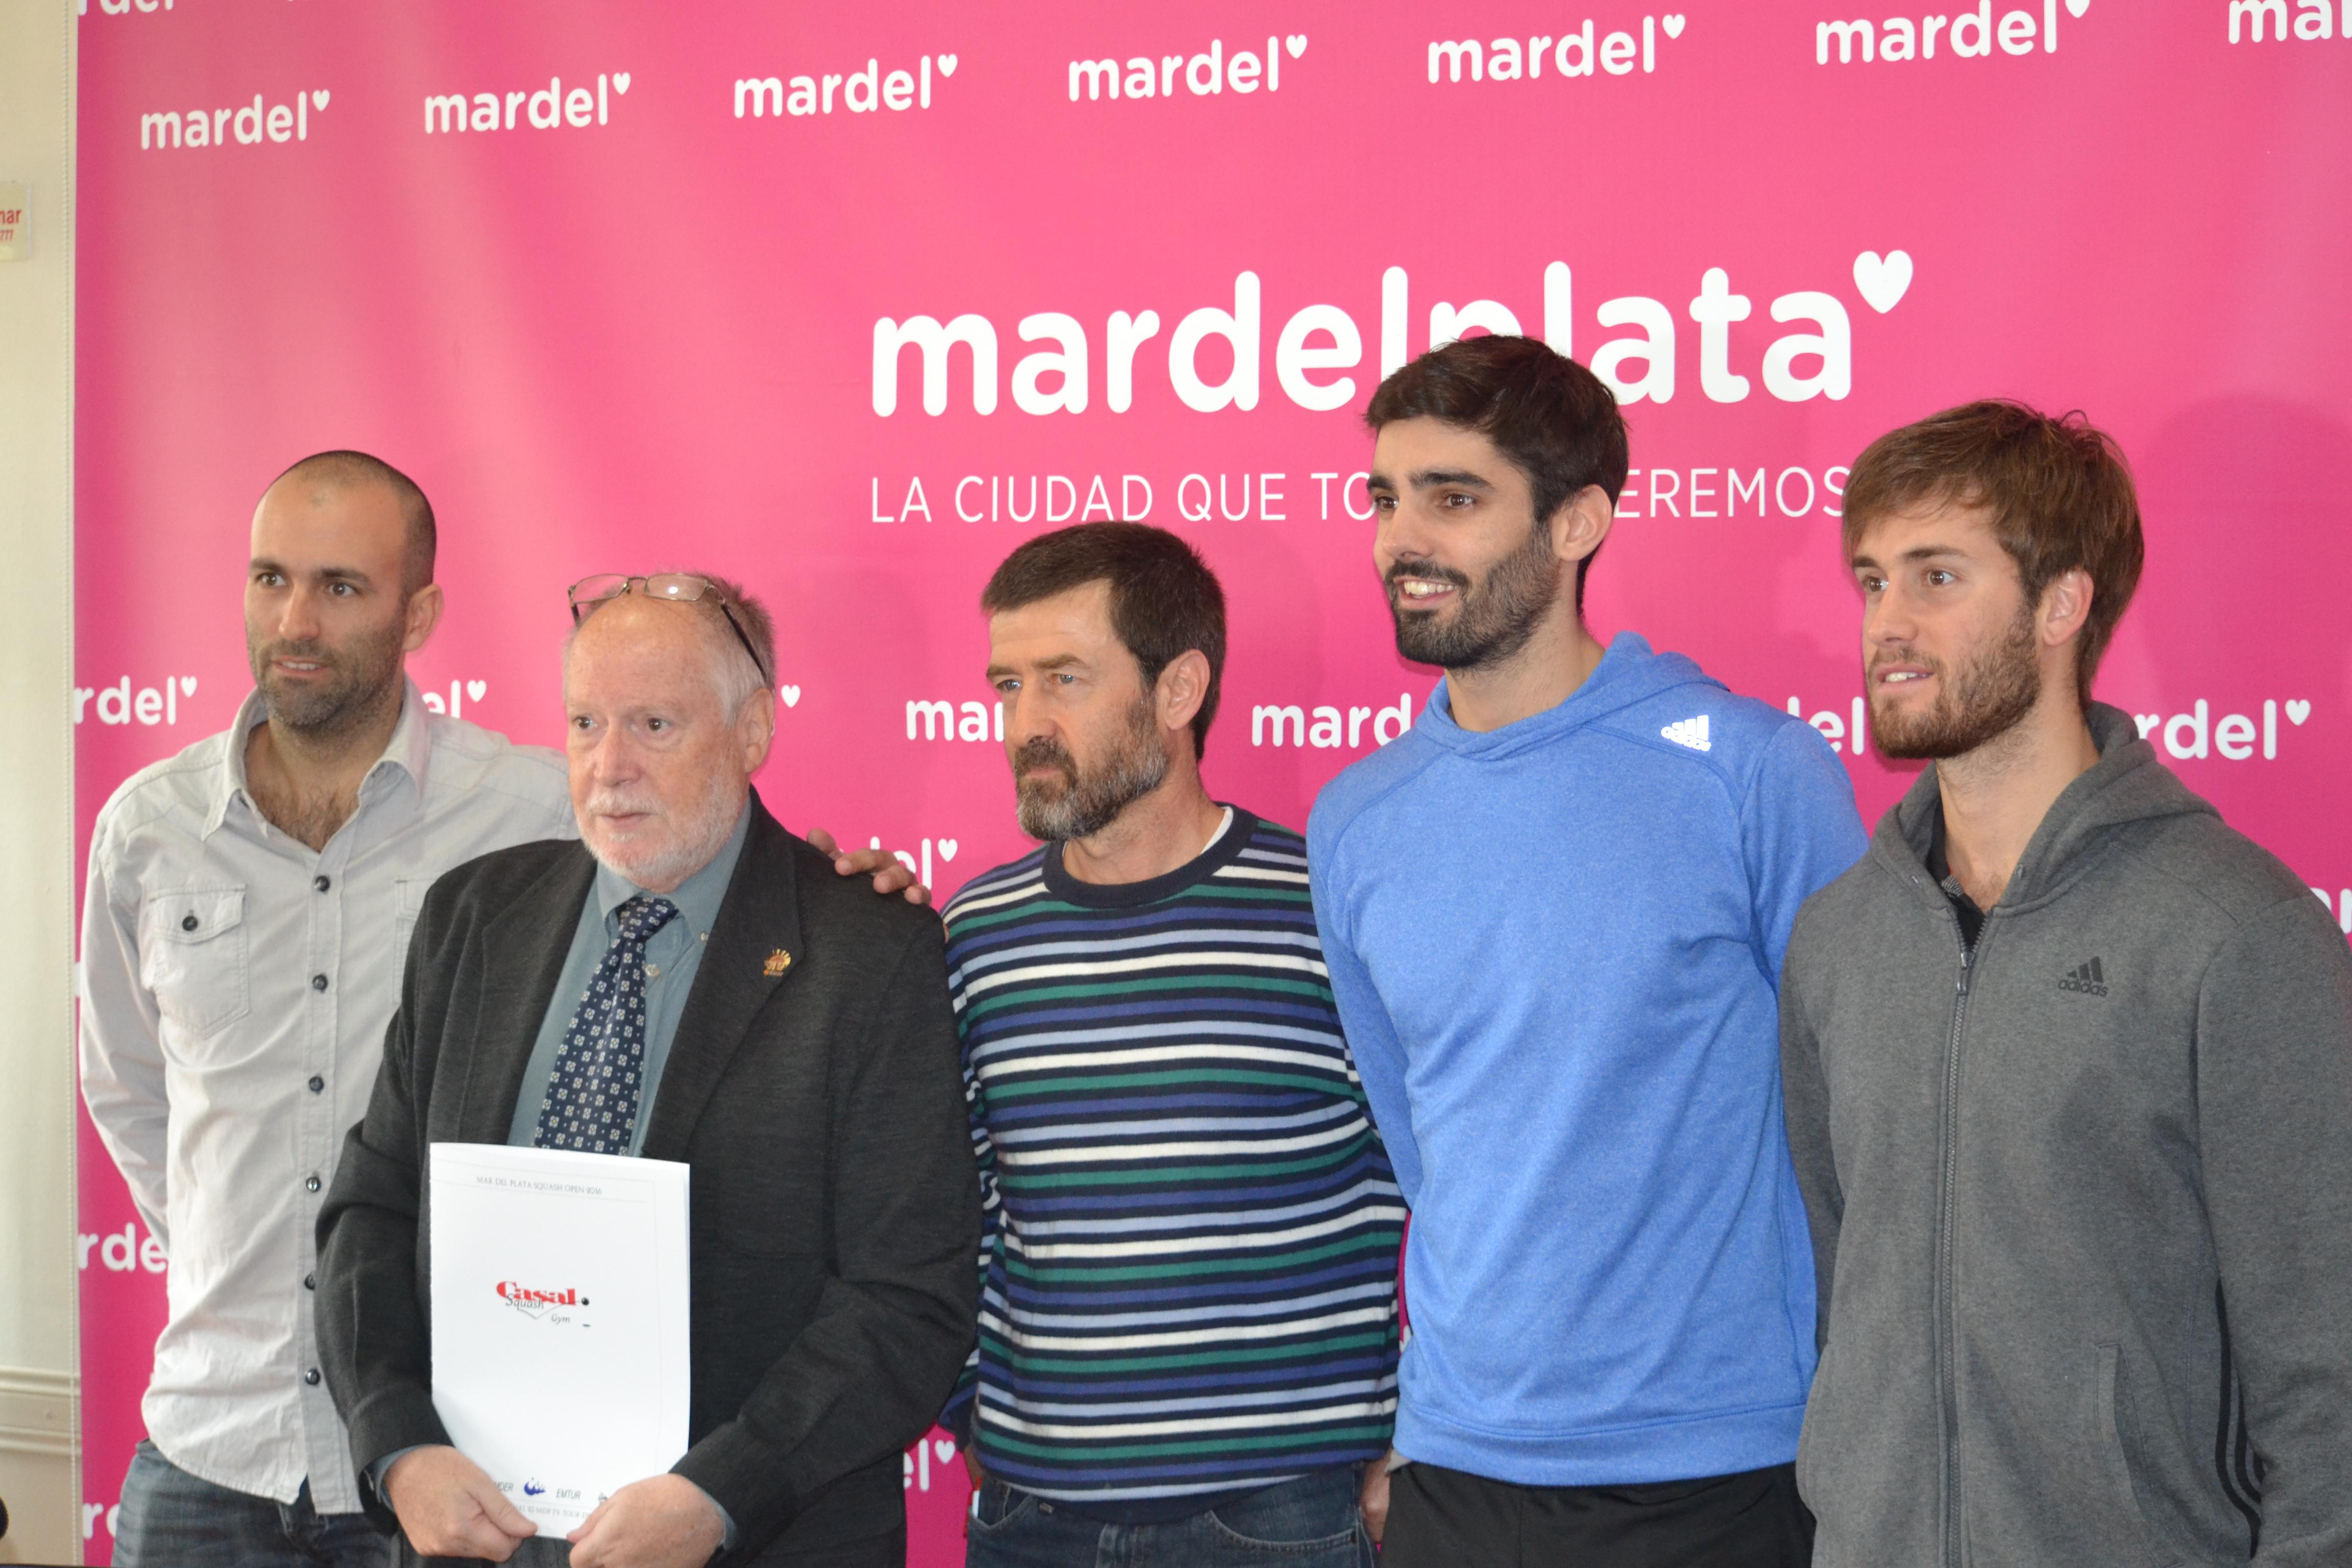 Los encargados de presentar la actividad esta mañana con Juan Pablo Roude (de azul). (Foto: Prensa PSA)